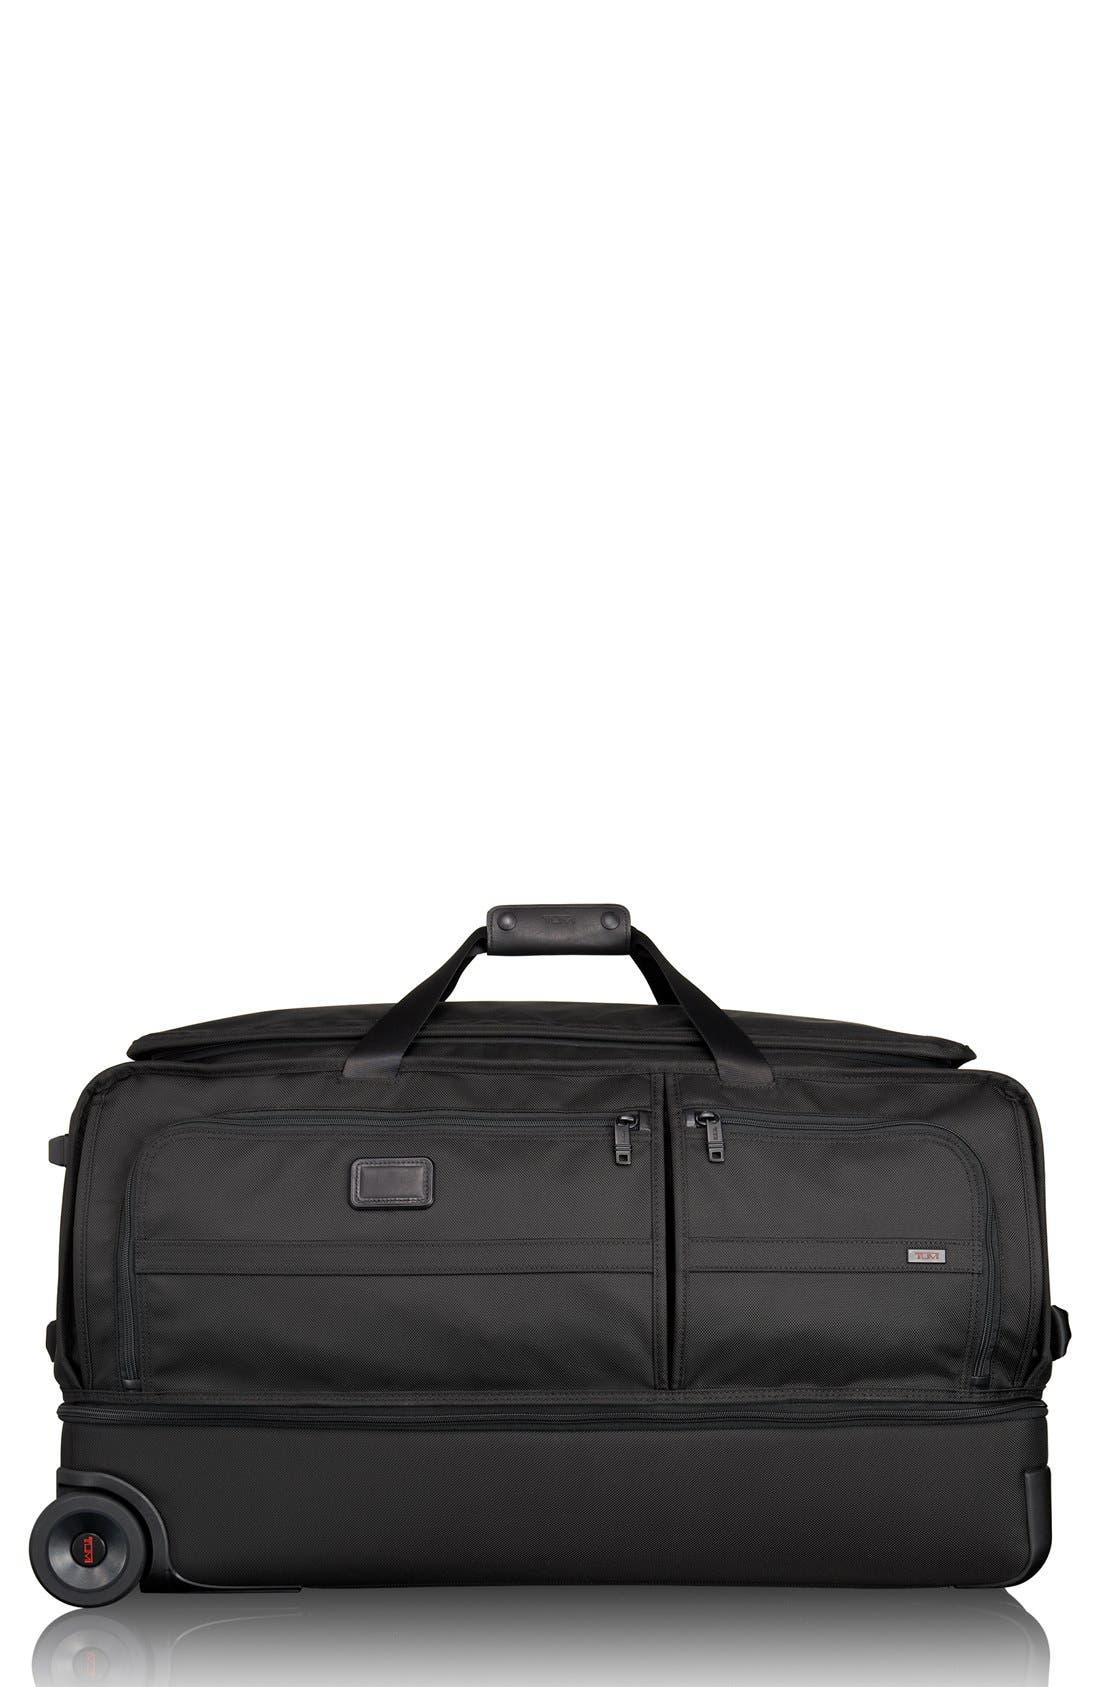 Tumi 'Alpha 2' Rolling Two-Wheel Duffel Bag (31 Inch)